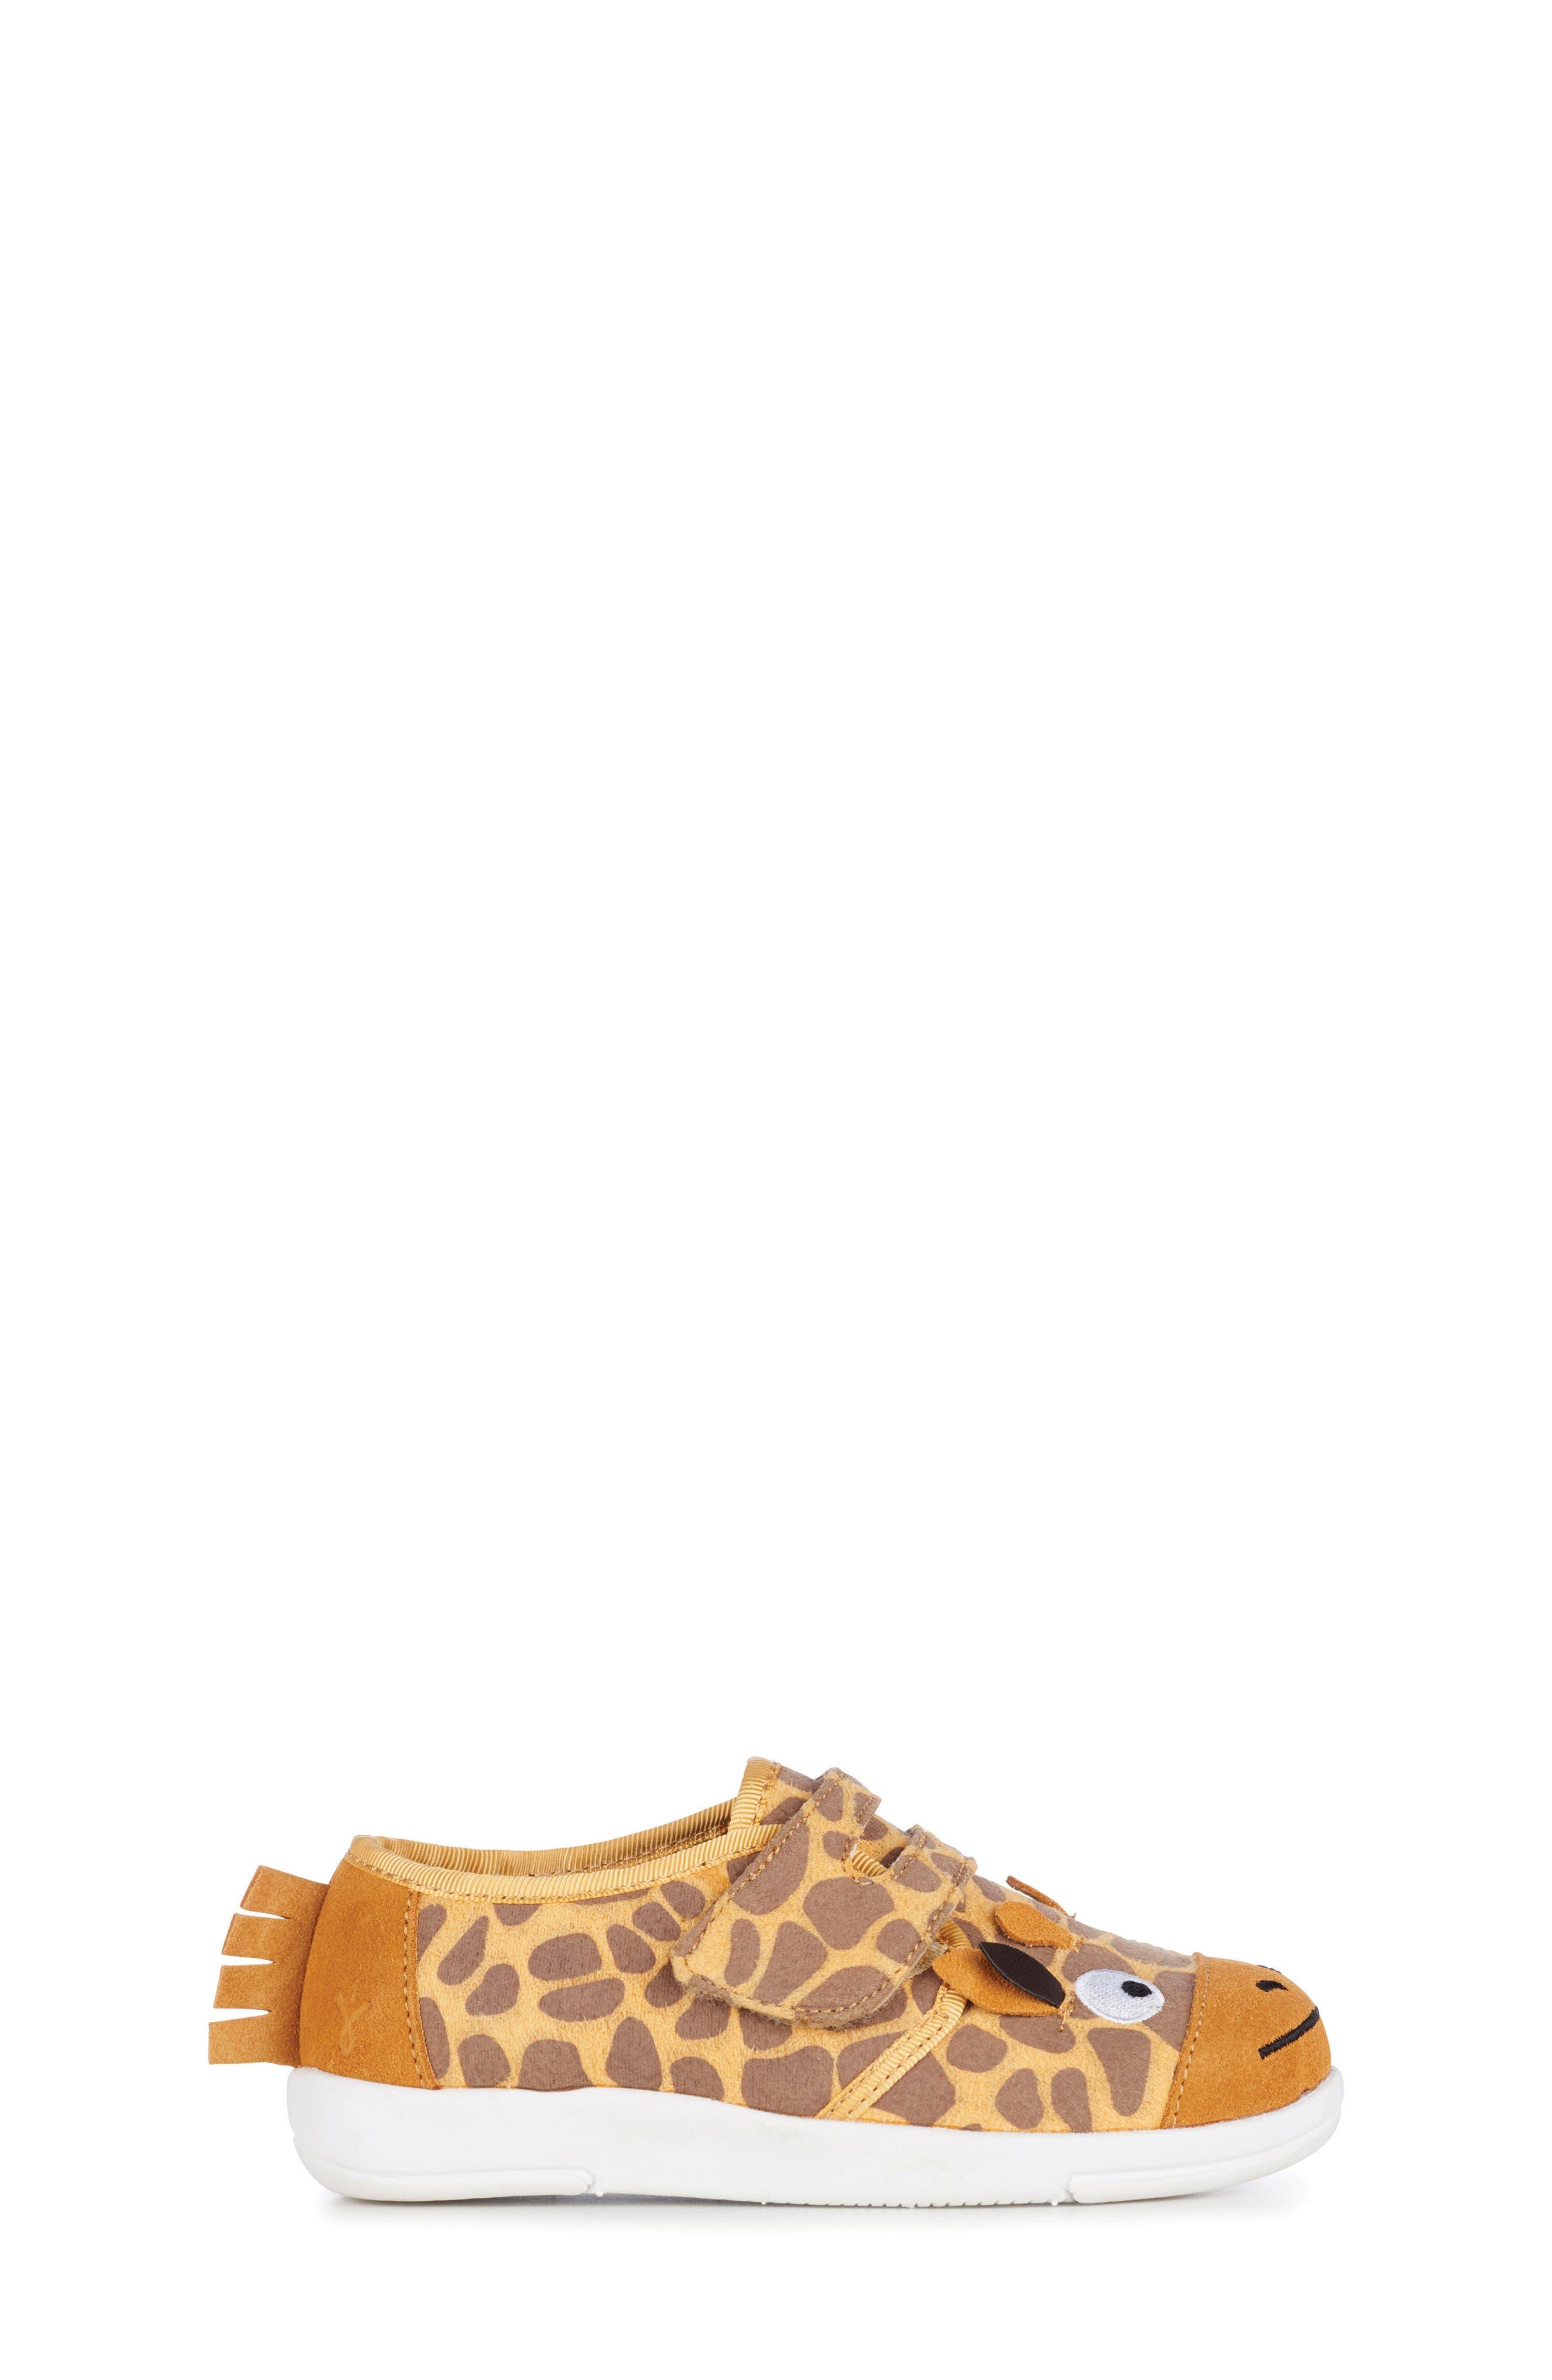 Giraffe Sneaker,                             Alternate thumbnail 3, color,                             700